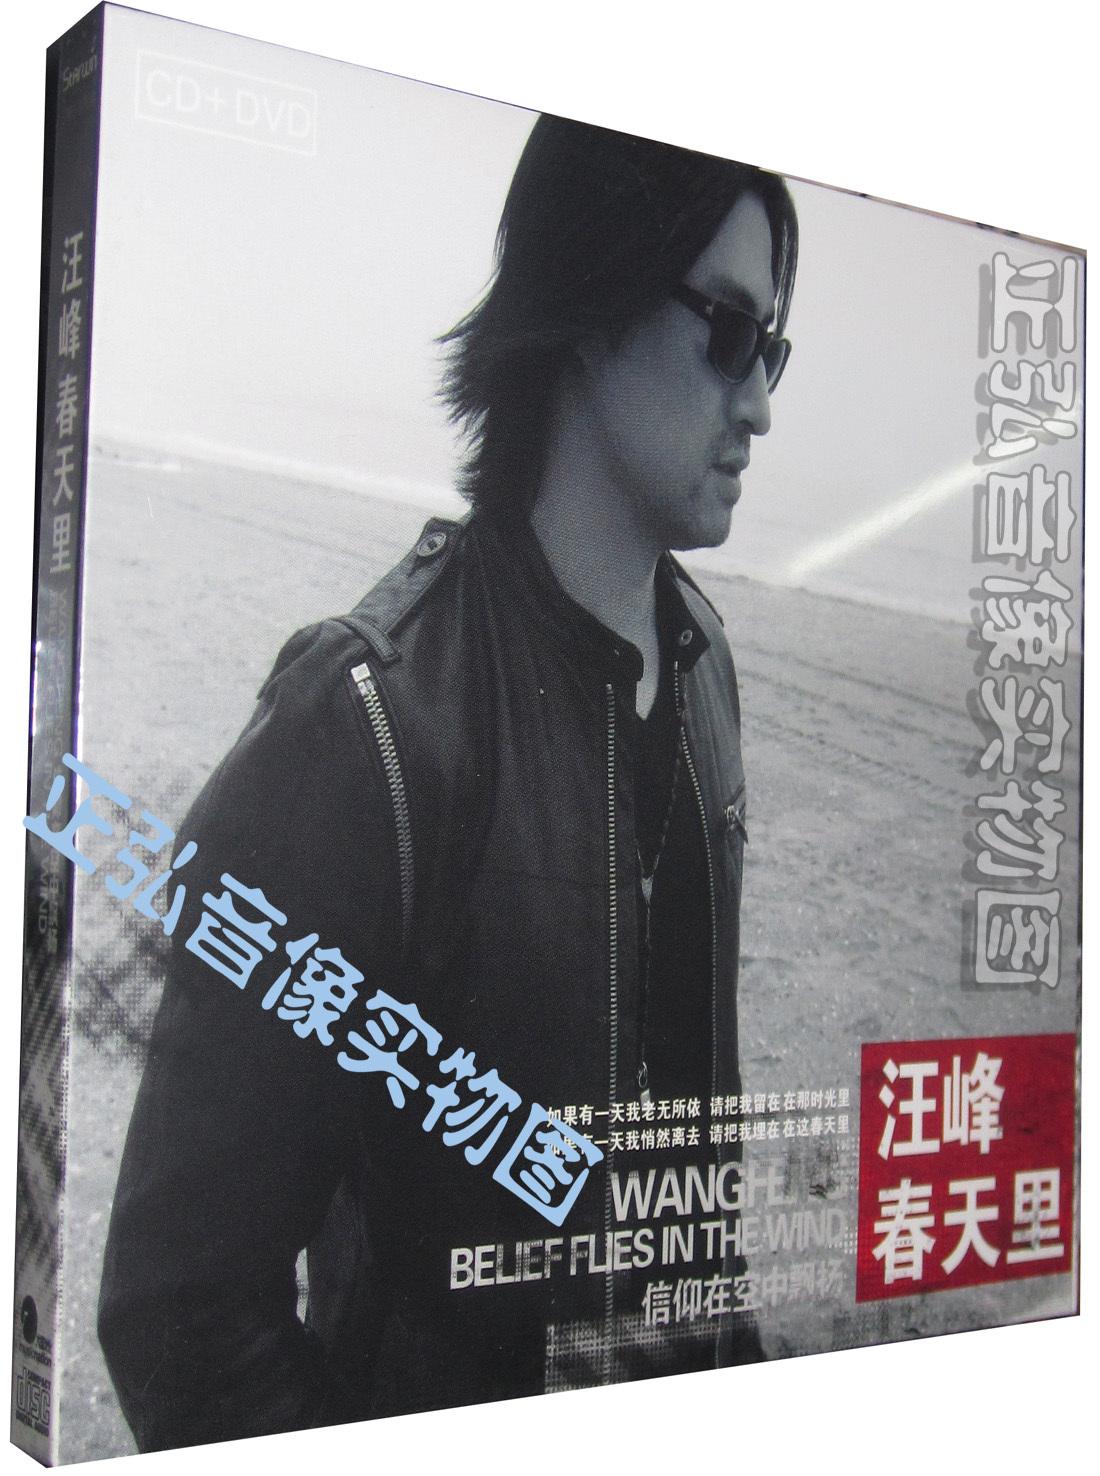 【正版】星文唱片 汪峰 春天里 CD+DVD (光明 勇敢的心等)